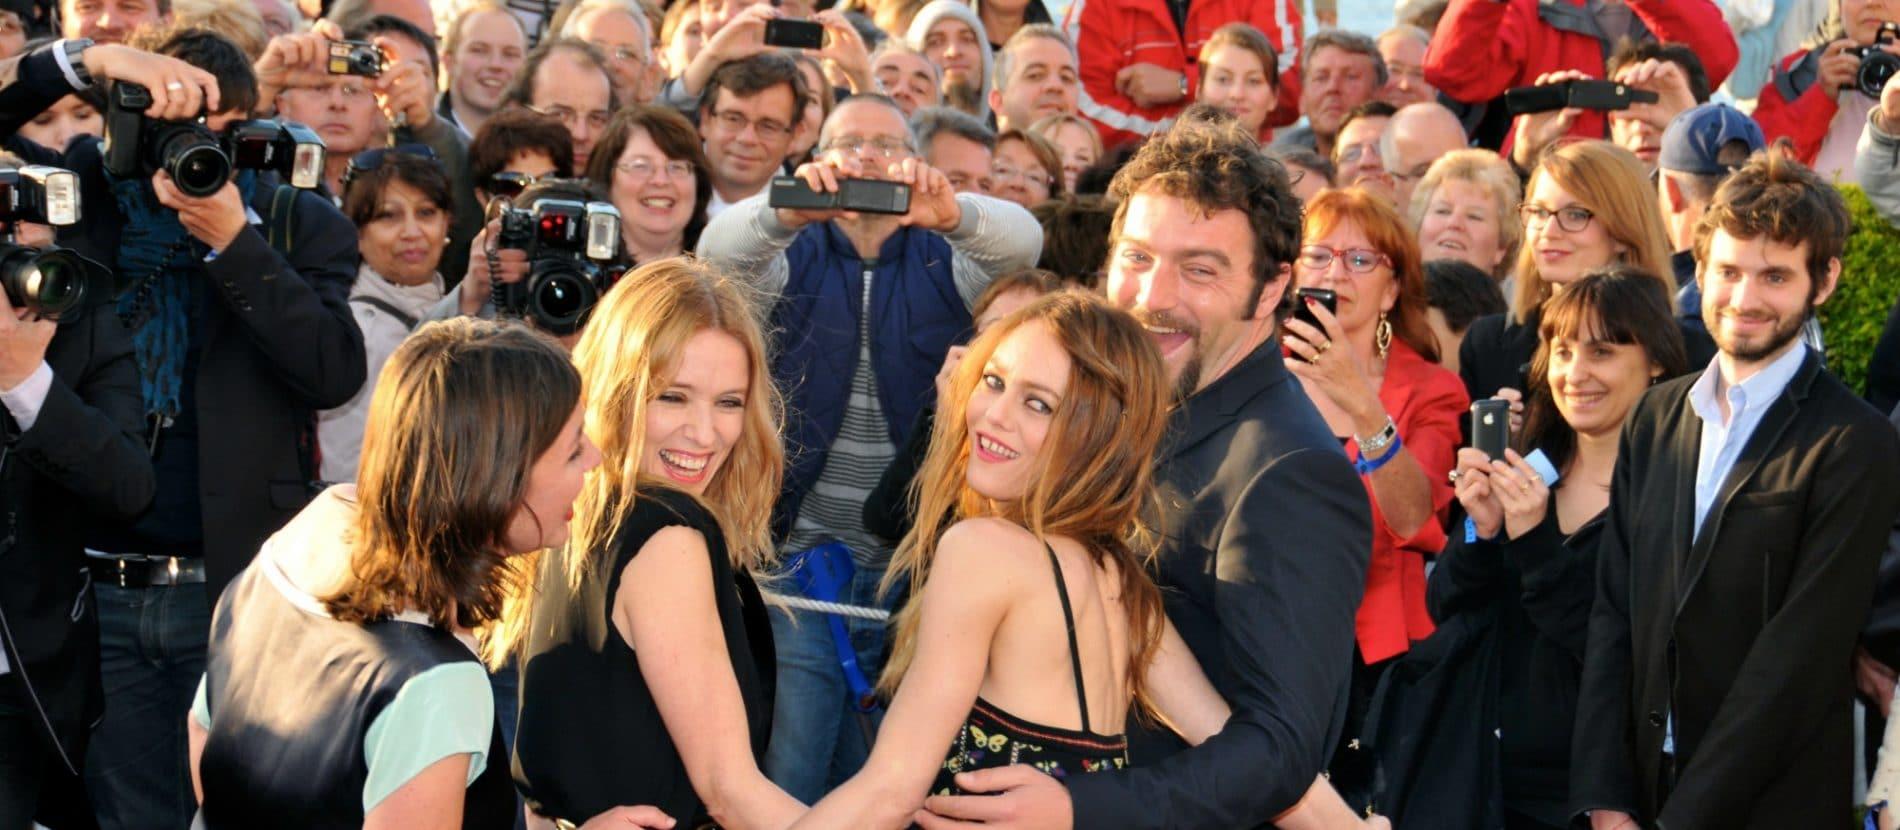 Vanessa Paradis, Léa Drucker et la foule au festival du film de Cabourg